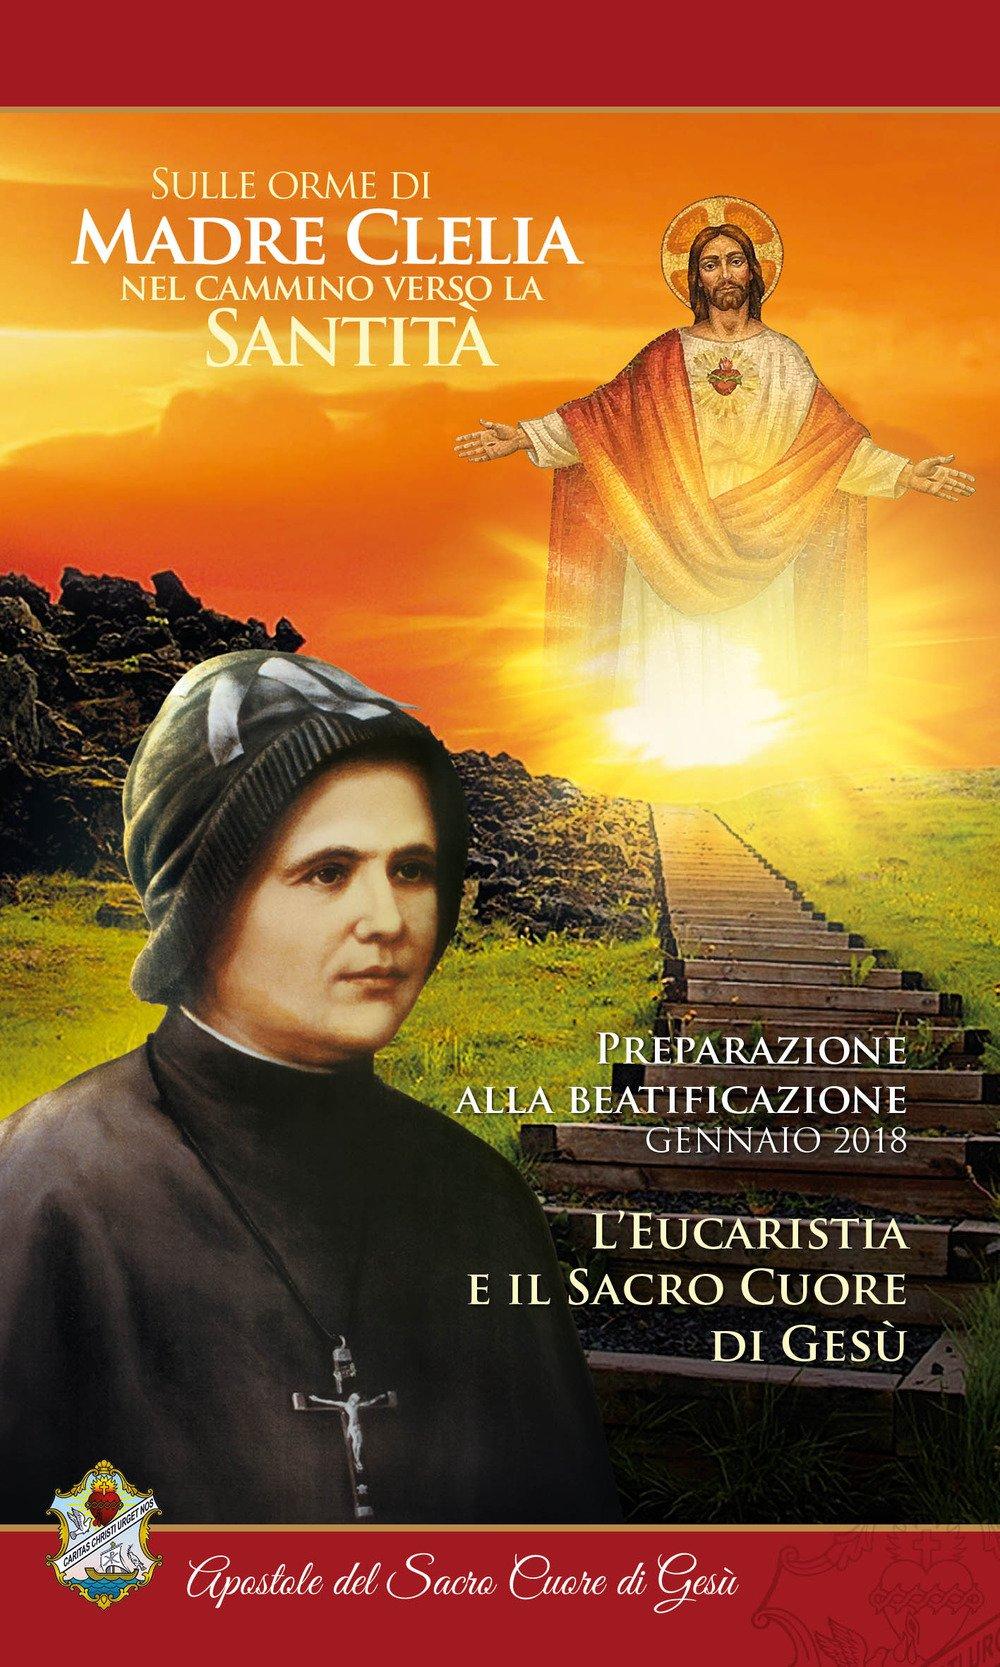 L'eucaristia e il sacro cuore di Gesù. Gennaio 2018. Sulle orme di madre Clelia nel cammino verso la santità